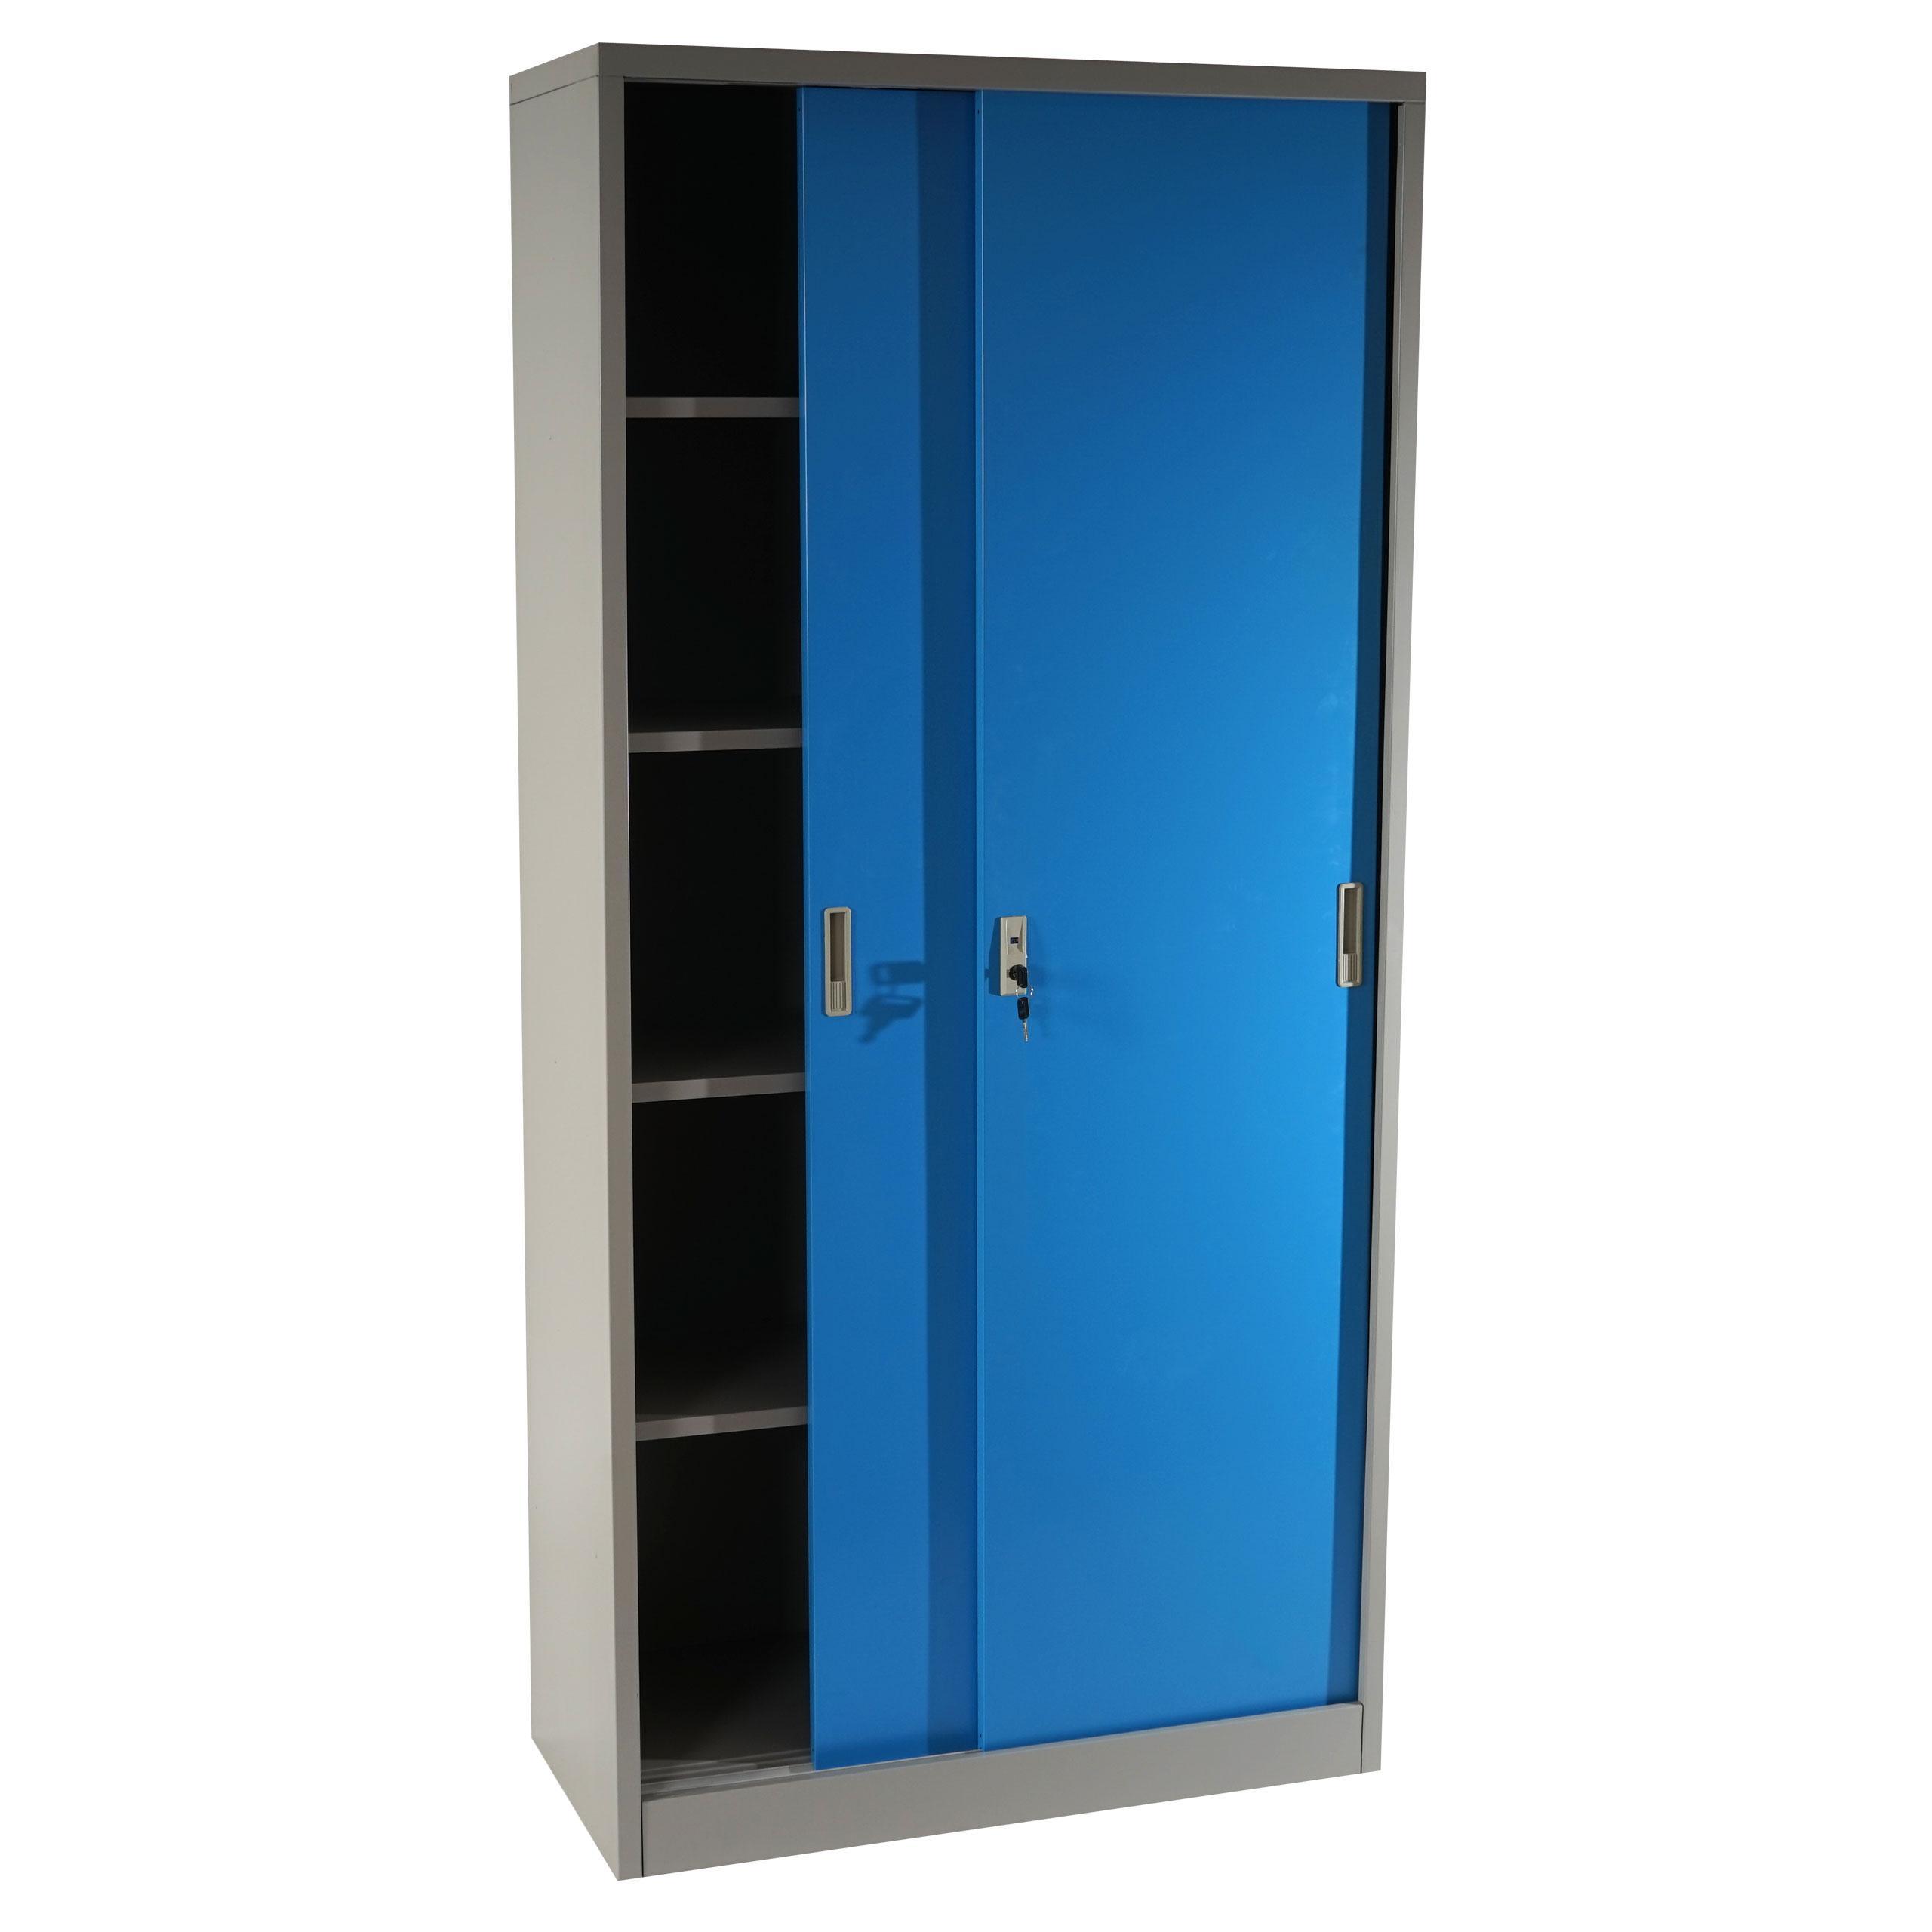 Armario archivador OLSEN PUERTAS CORREDERAS, gran capacidad y máxima robustez, color azul